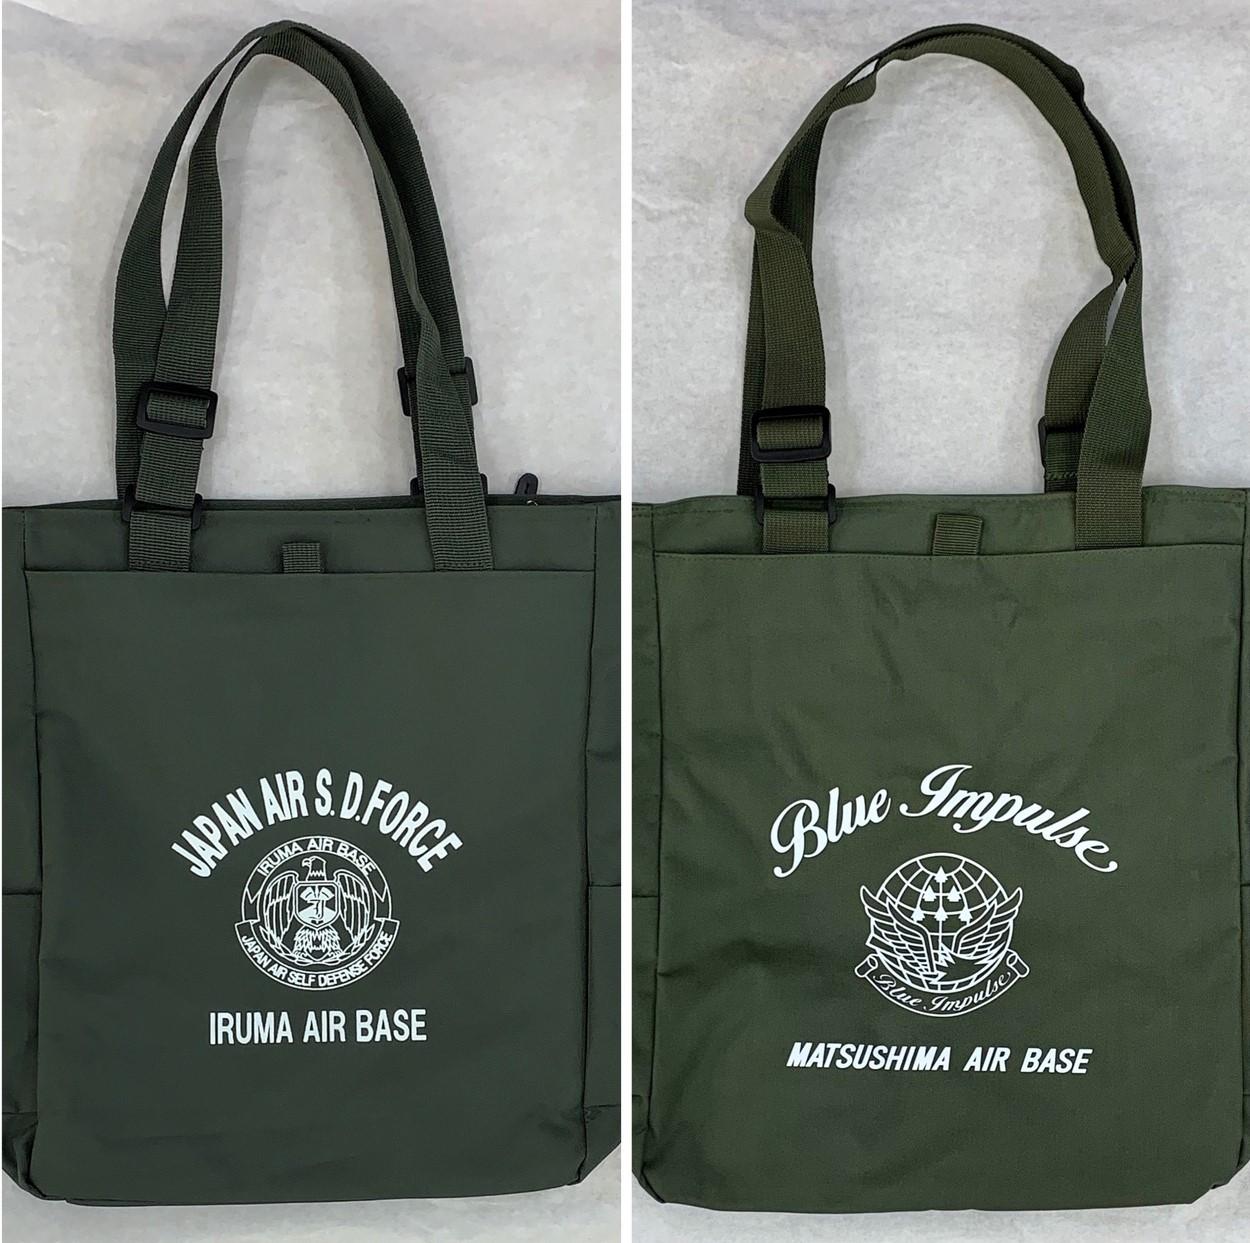 自衛隊グッズ ナイロントートバッグ 入間基地マークとブルーインパルスの2種